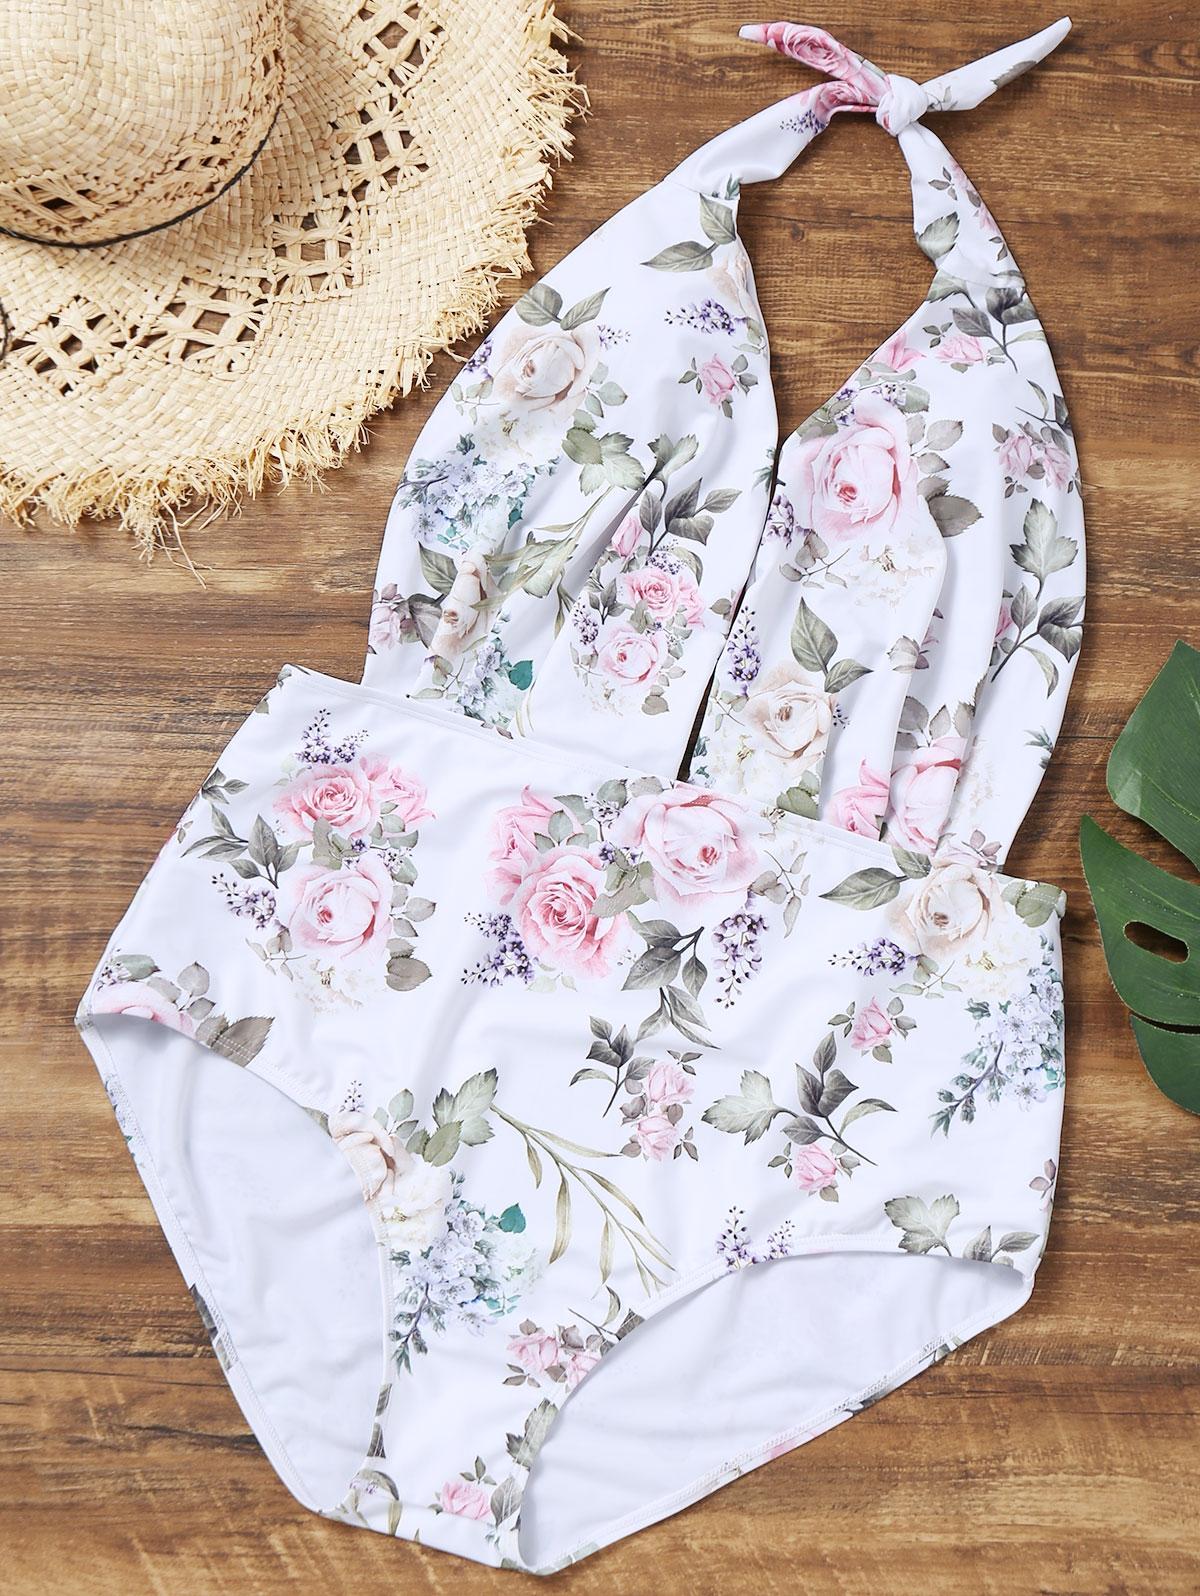 Halter Floral Plus Size Bathing Suit